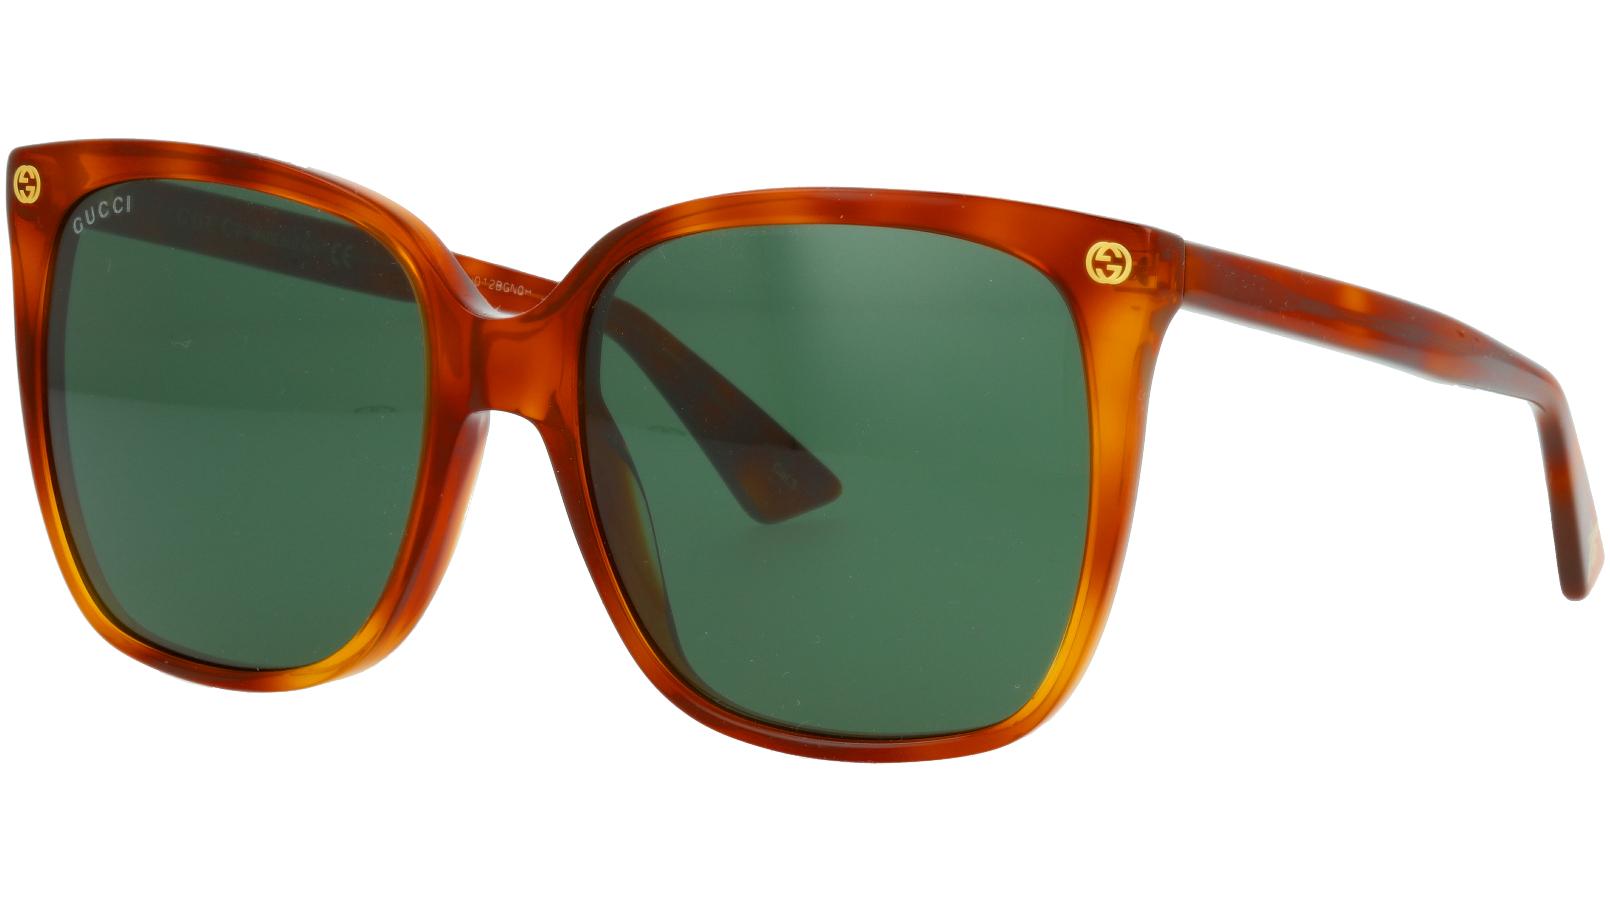 GUCCI GG0022S 003 57 AVANA Sunglasses